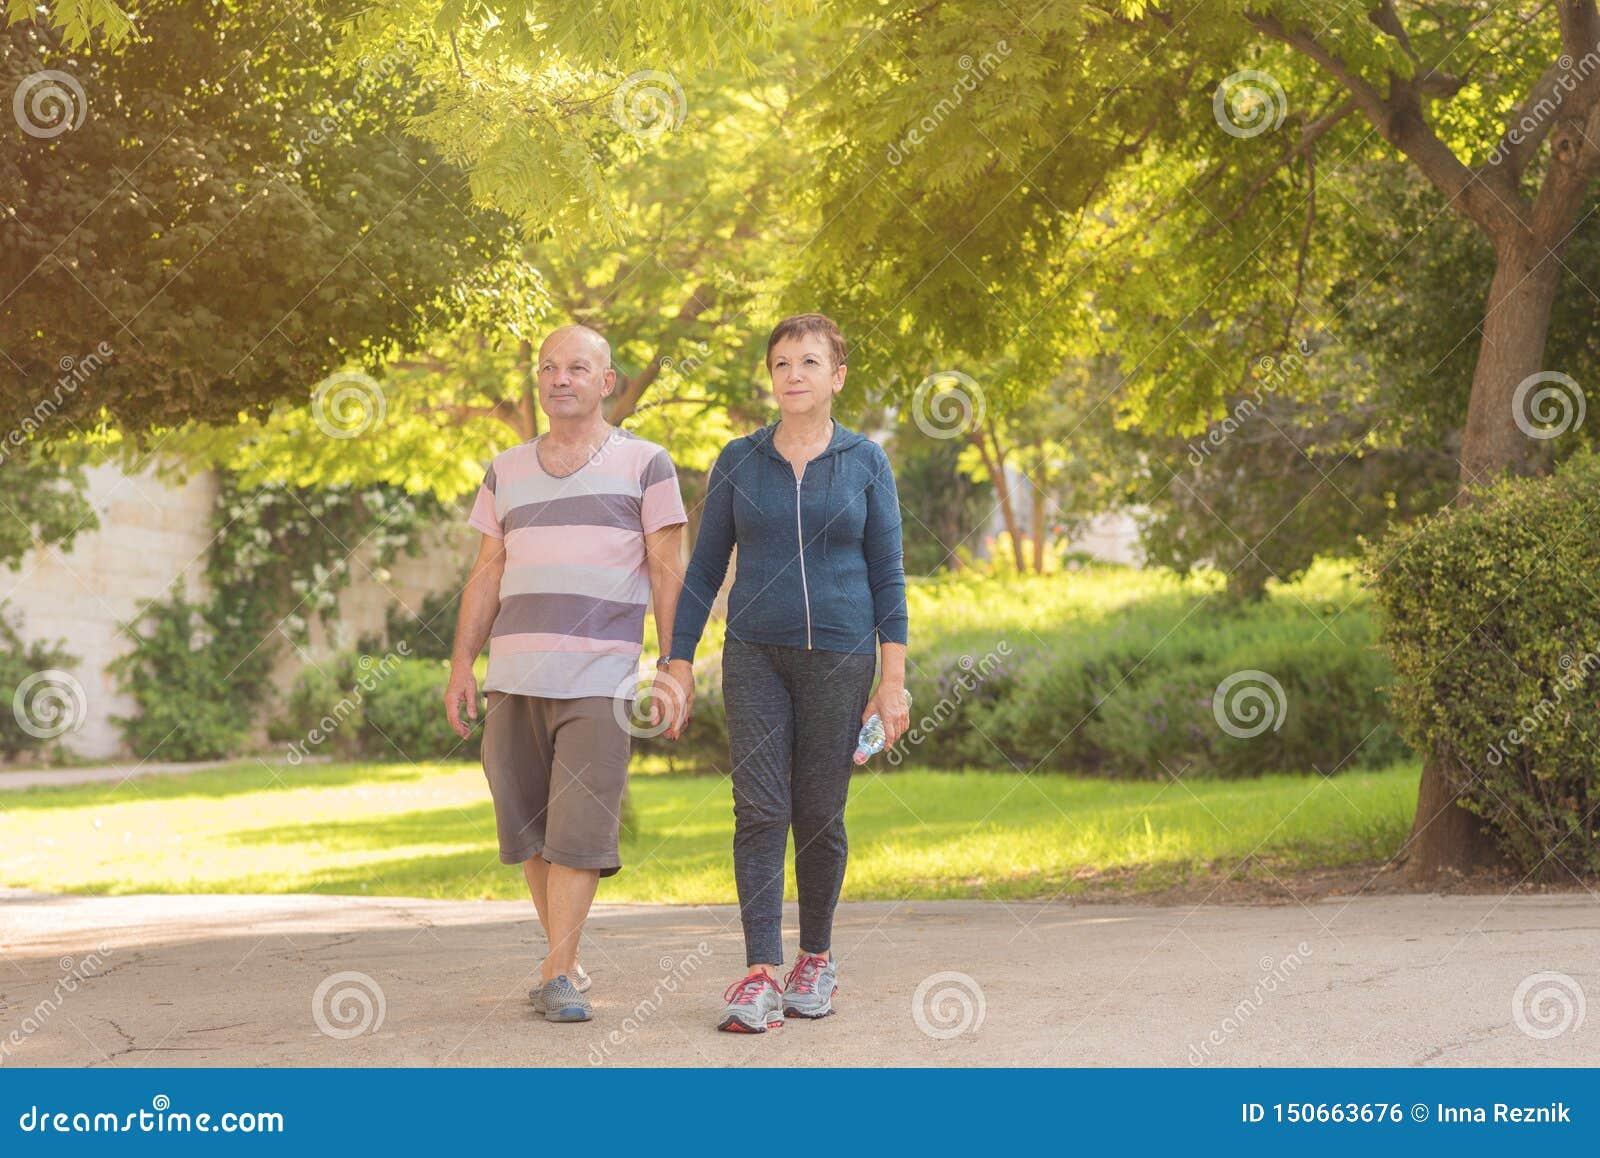 Gesunden und der Leute Konzept der Familie, des Alters, des Sports, - glückliches älteres Paarhändchenhalten und zusammen trainie